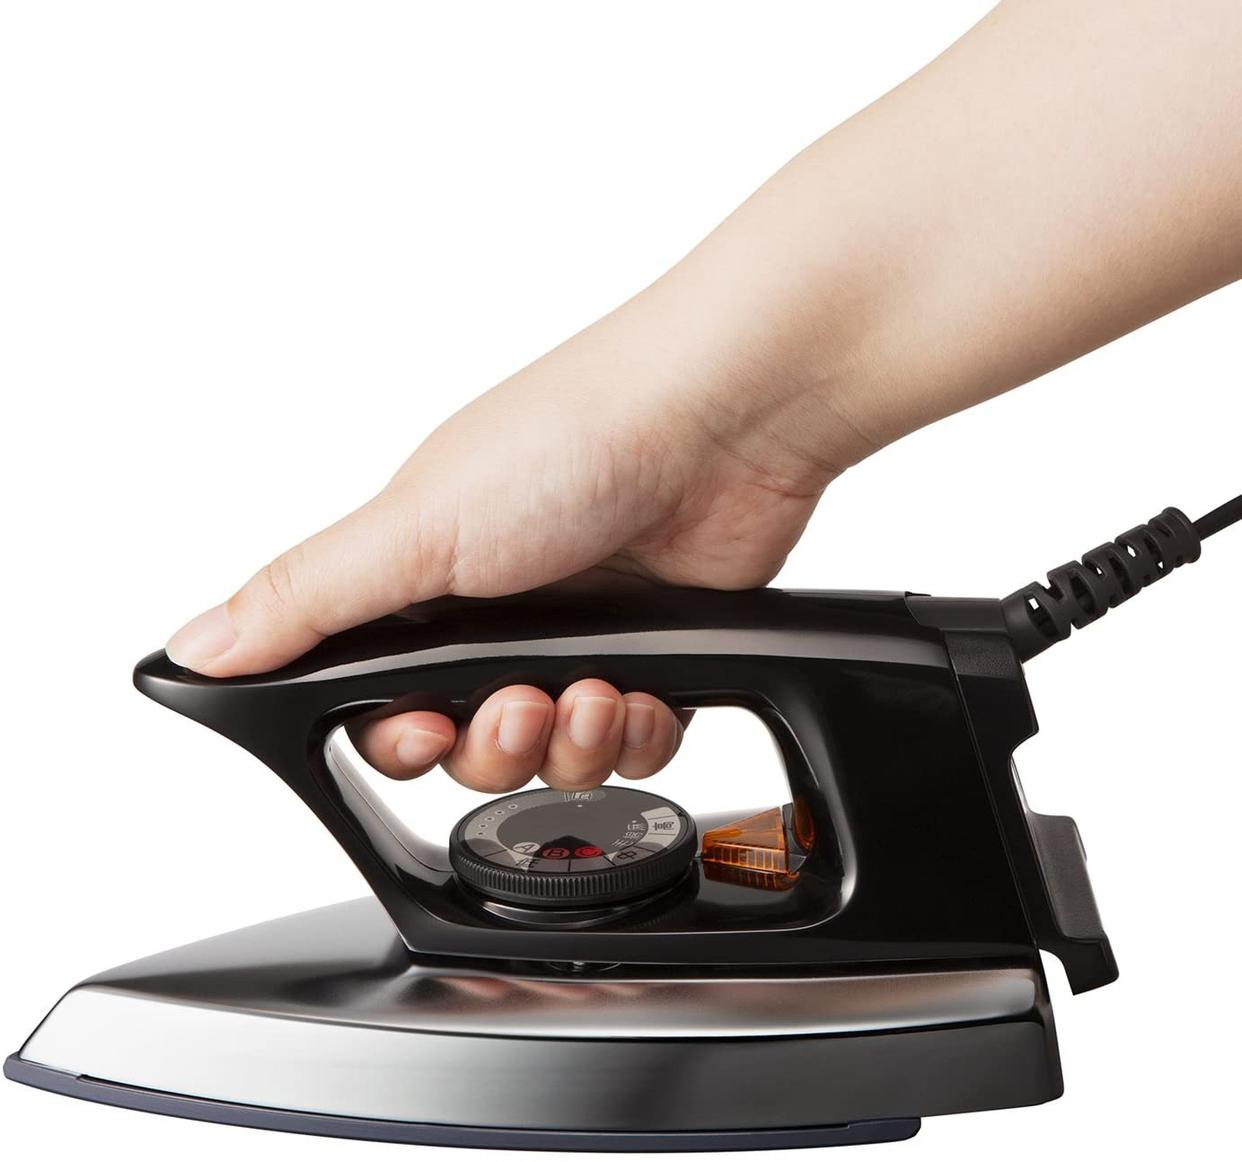 Panasonic(パナソニック) 自動アイロン(ドライアイロン) NI-A66の商品画像4